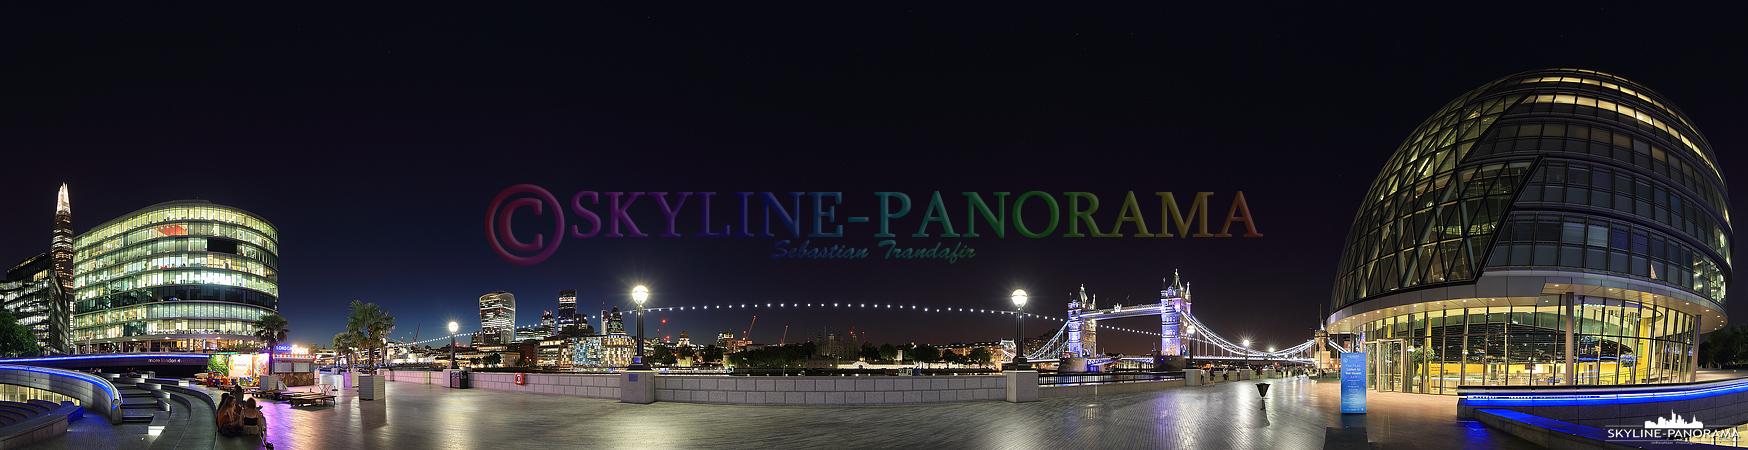 London Panorama – Abendlicher Blick von der The Queen´s Walk genannten Themse Promenade auf die beleuchtete Tower Bridge und die City Hall von London.